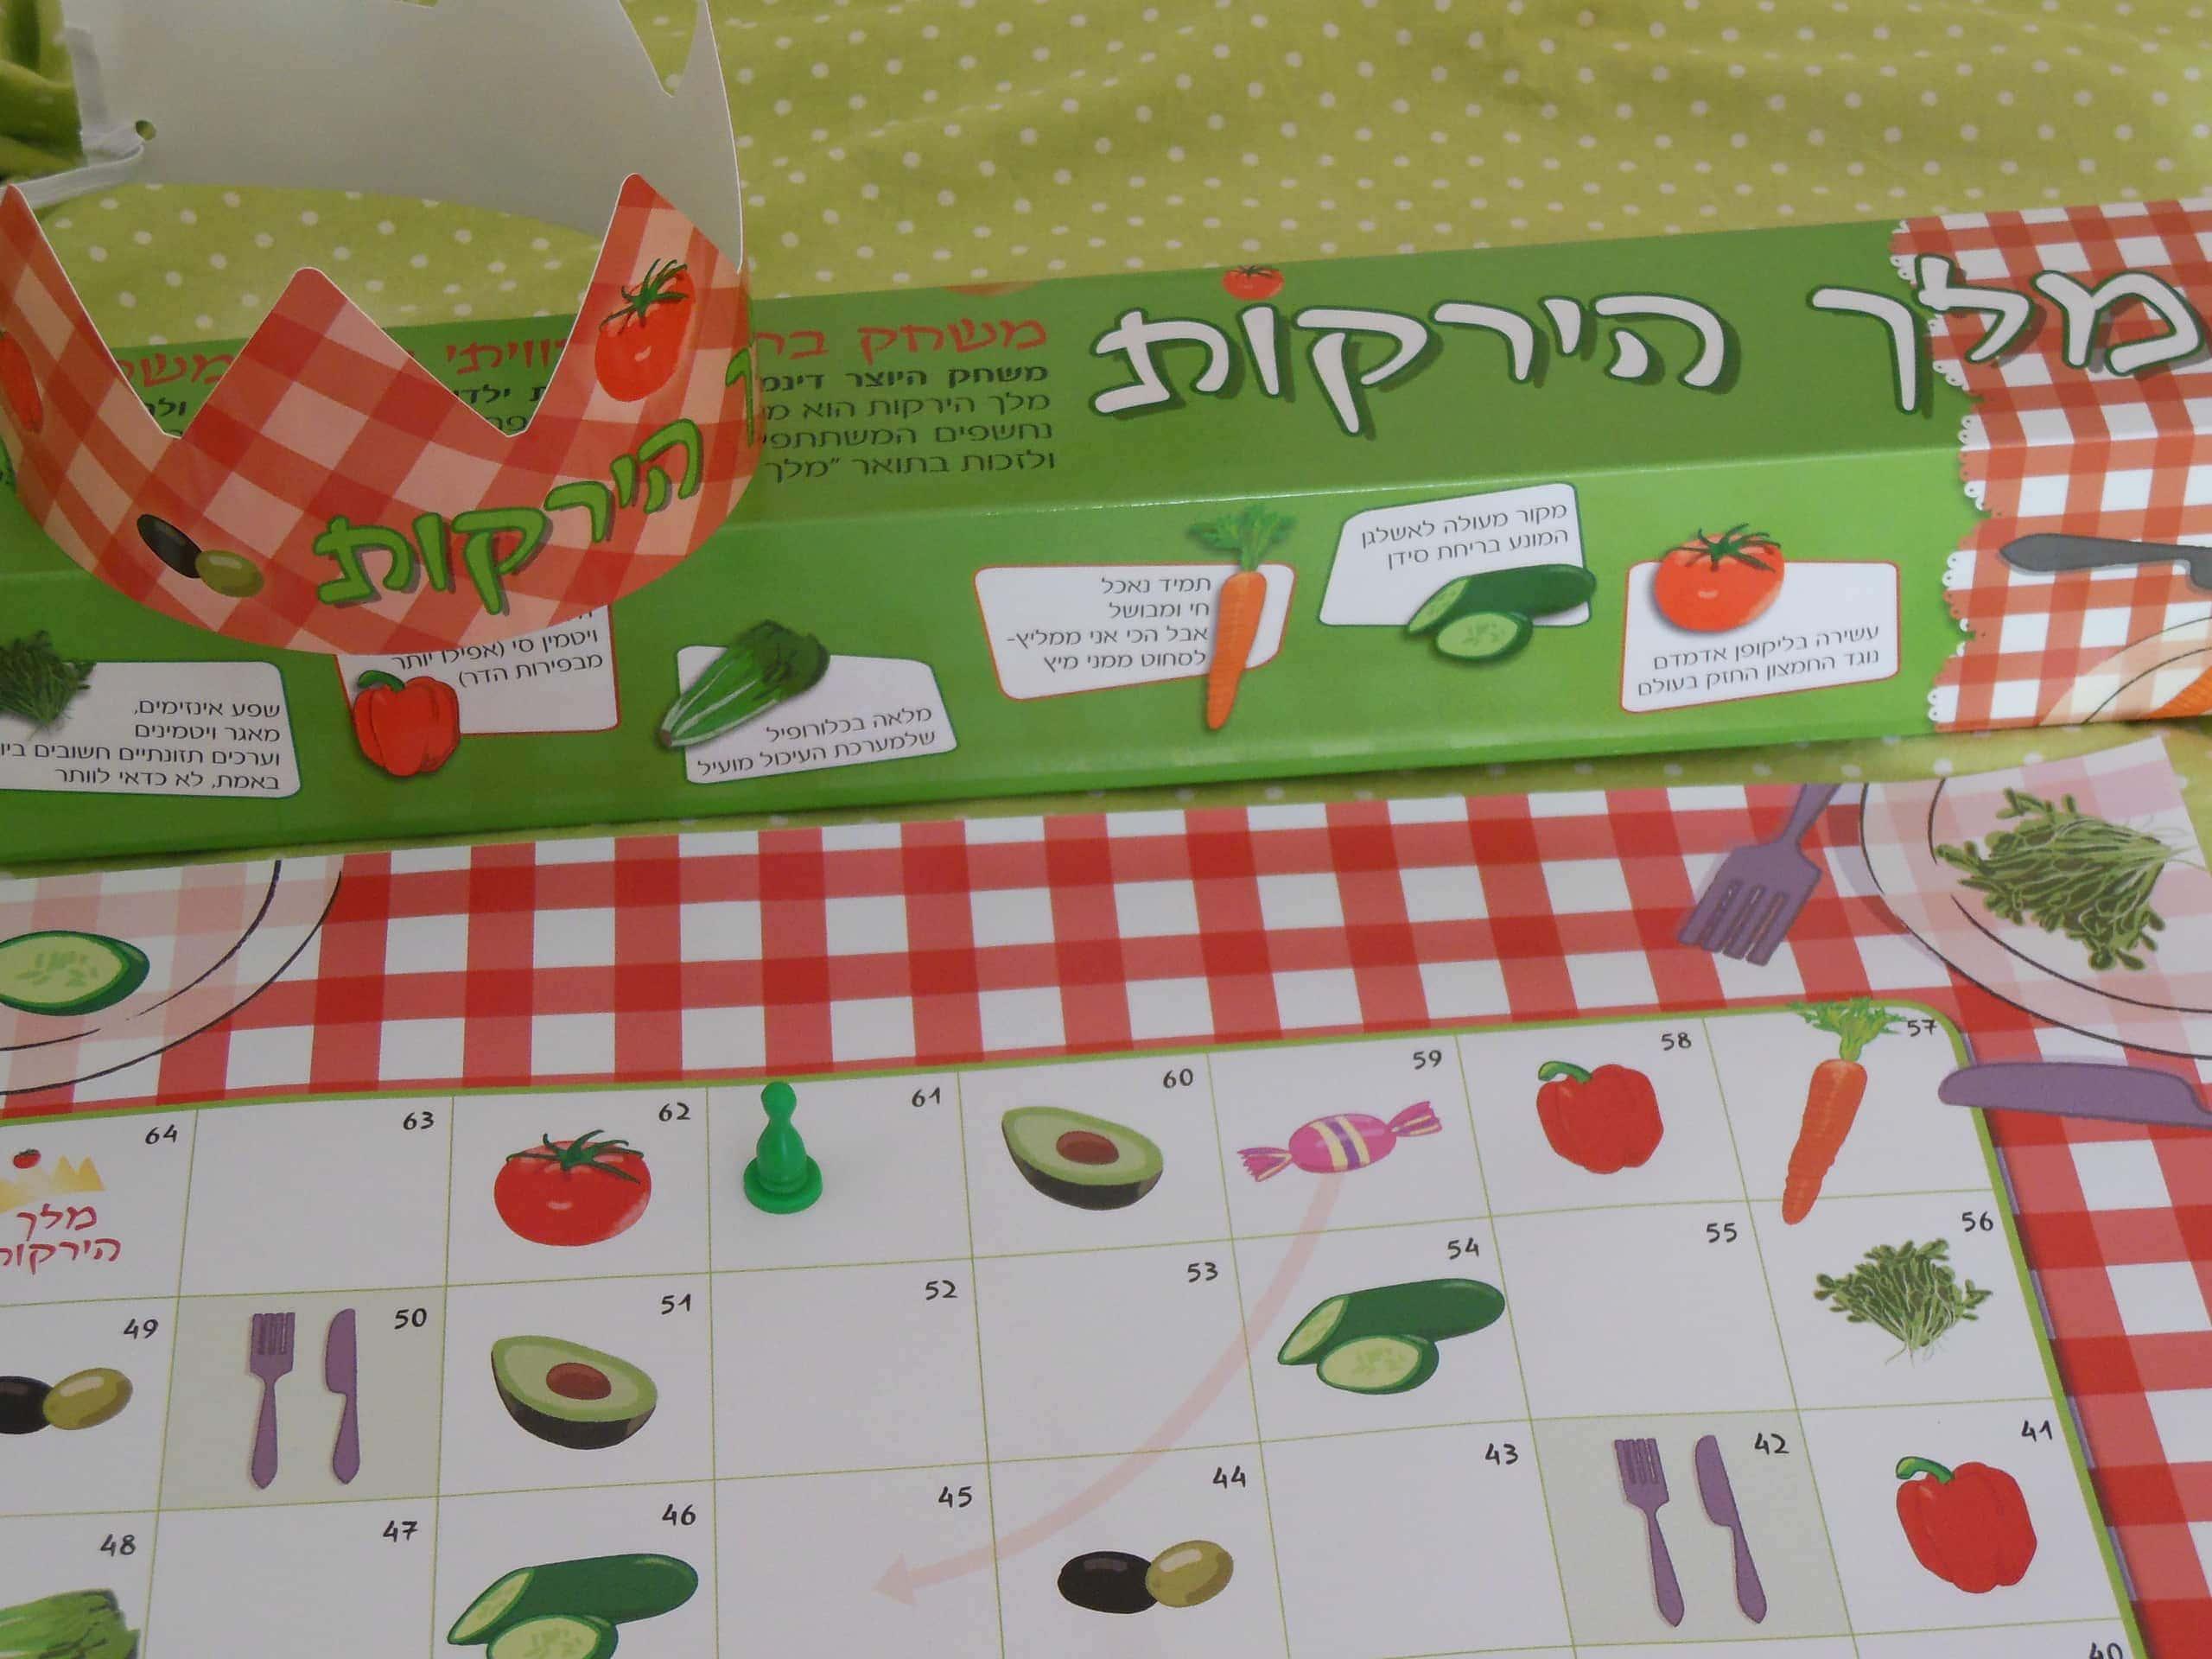 מלך הירקות - משחק המעודד ילדים לטעום ולאכול מגוון של ירקות